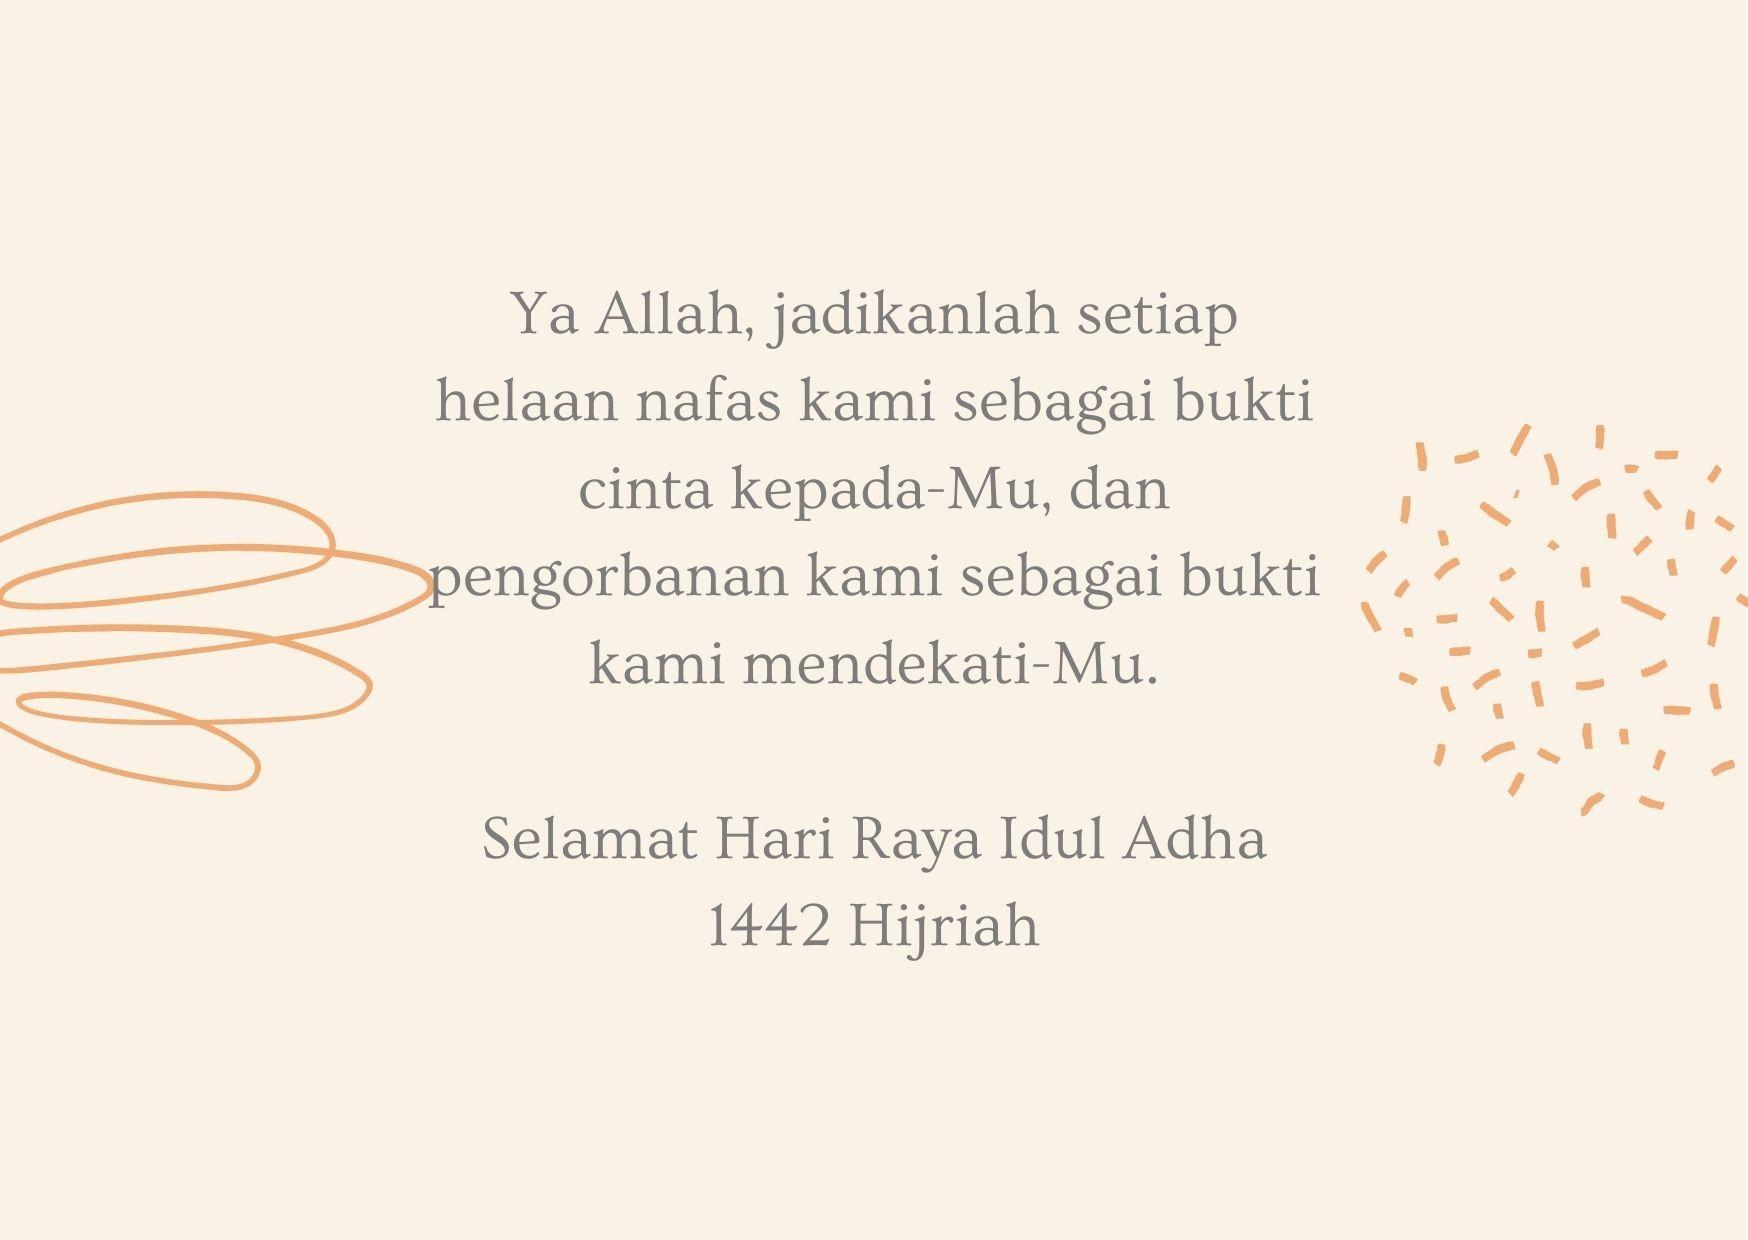 15 Ucapan Hari Raya Idul Adha 2021 Lengkap dengan Gambar